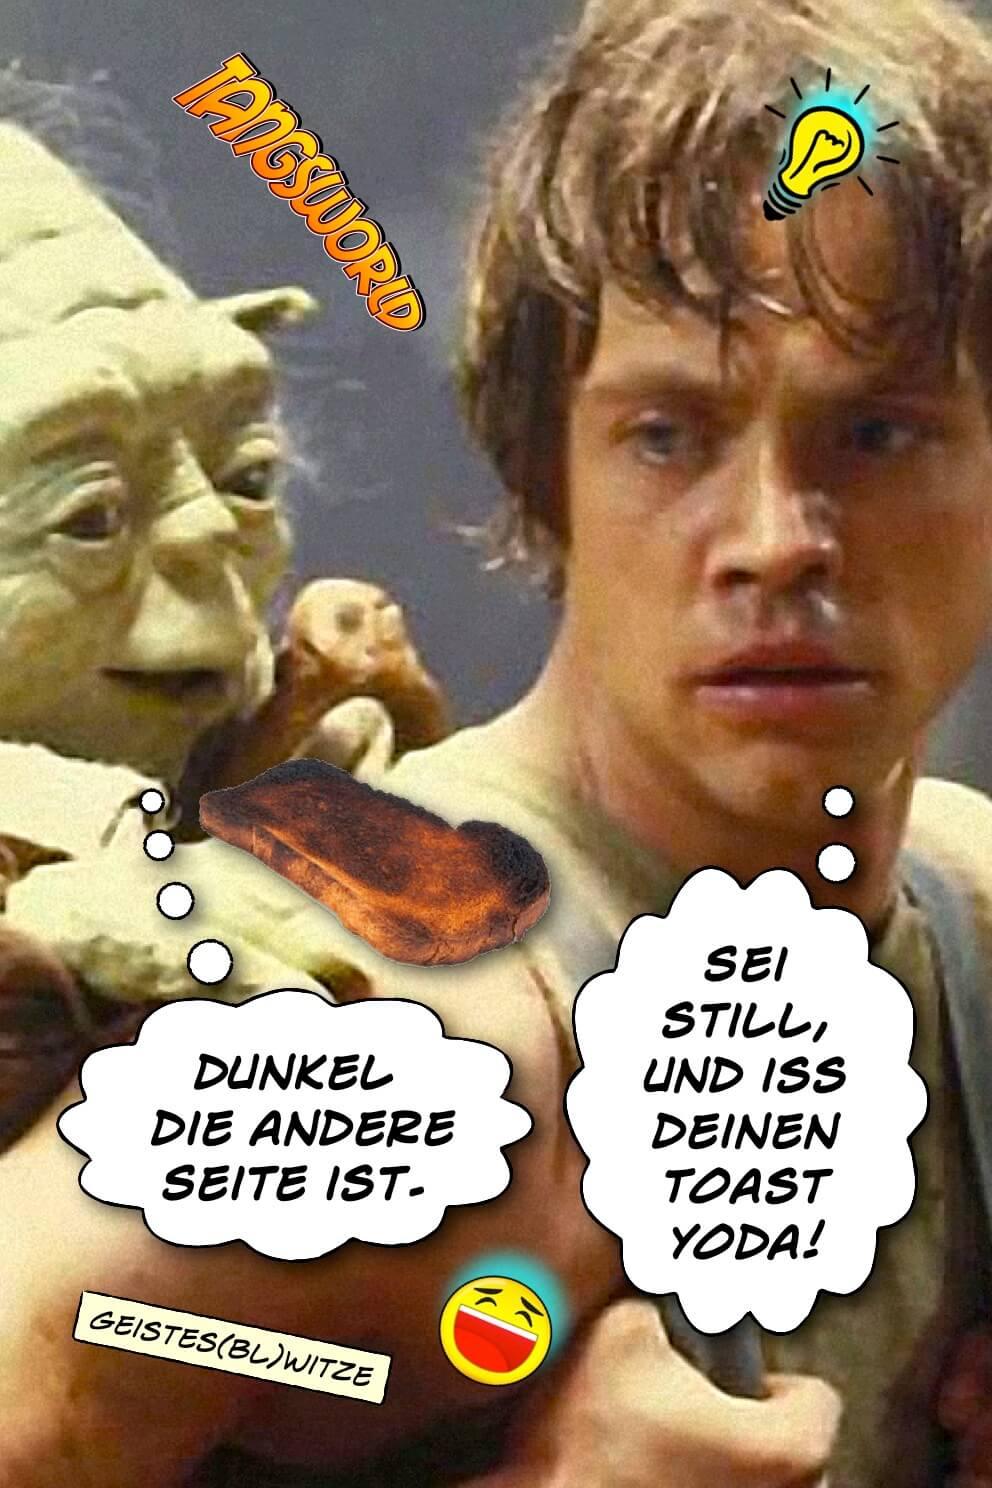 Dunkel die andere Seite ist. - Sei still, und iss deinen Toast Yoda! - Geistes(bl)witze